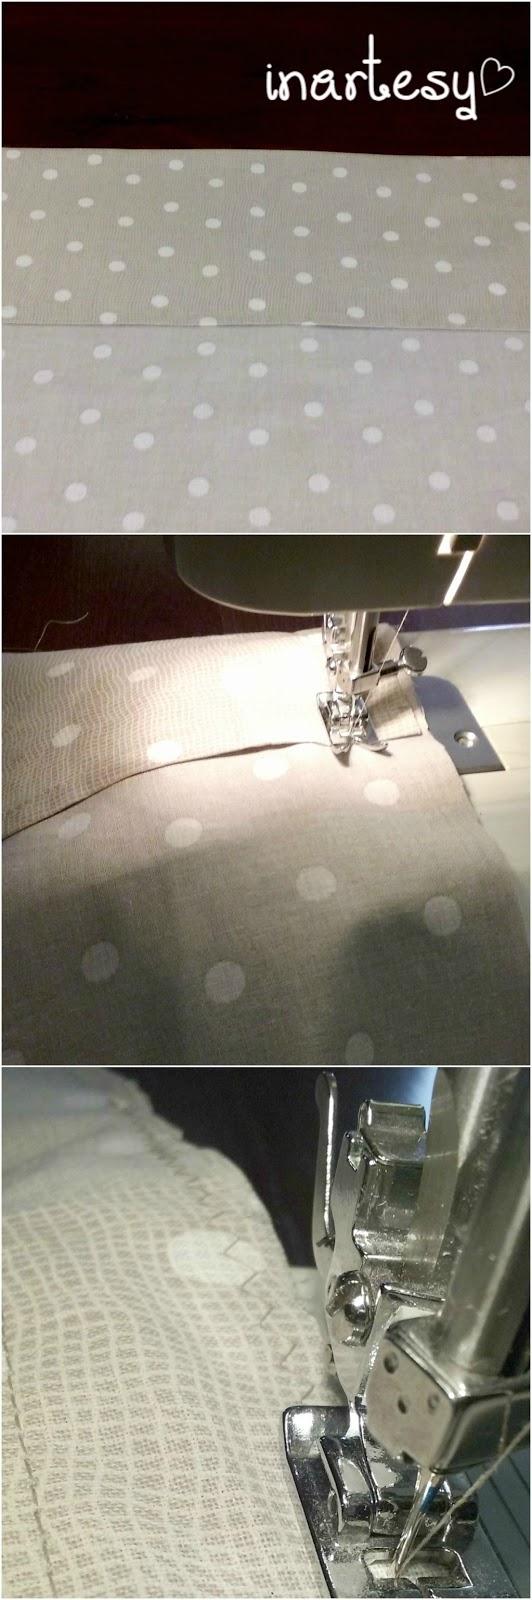 Come cucire una federa per cuscini senza bottoni inartesy - Nozioni di cucito come ricoprire un divano ...